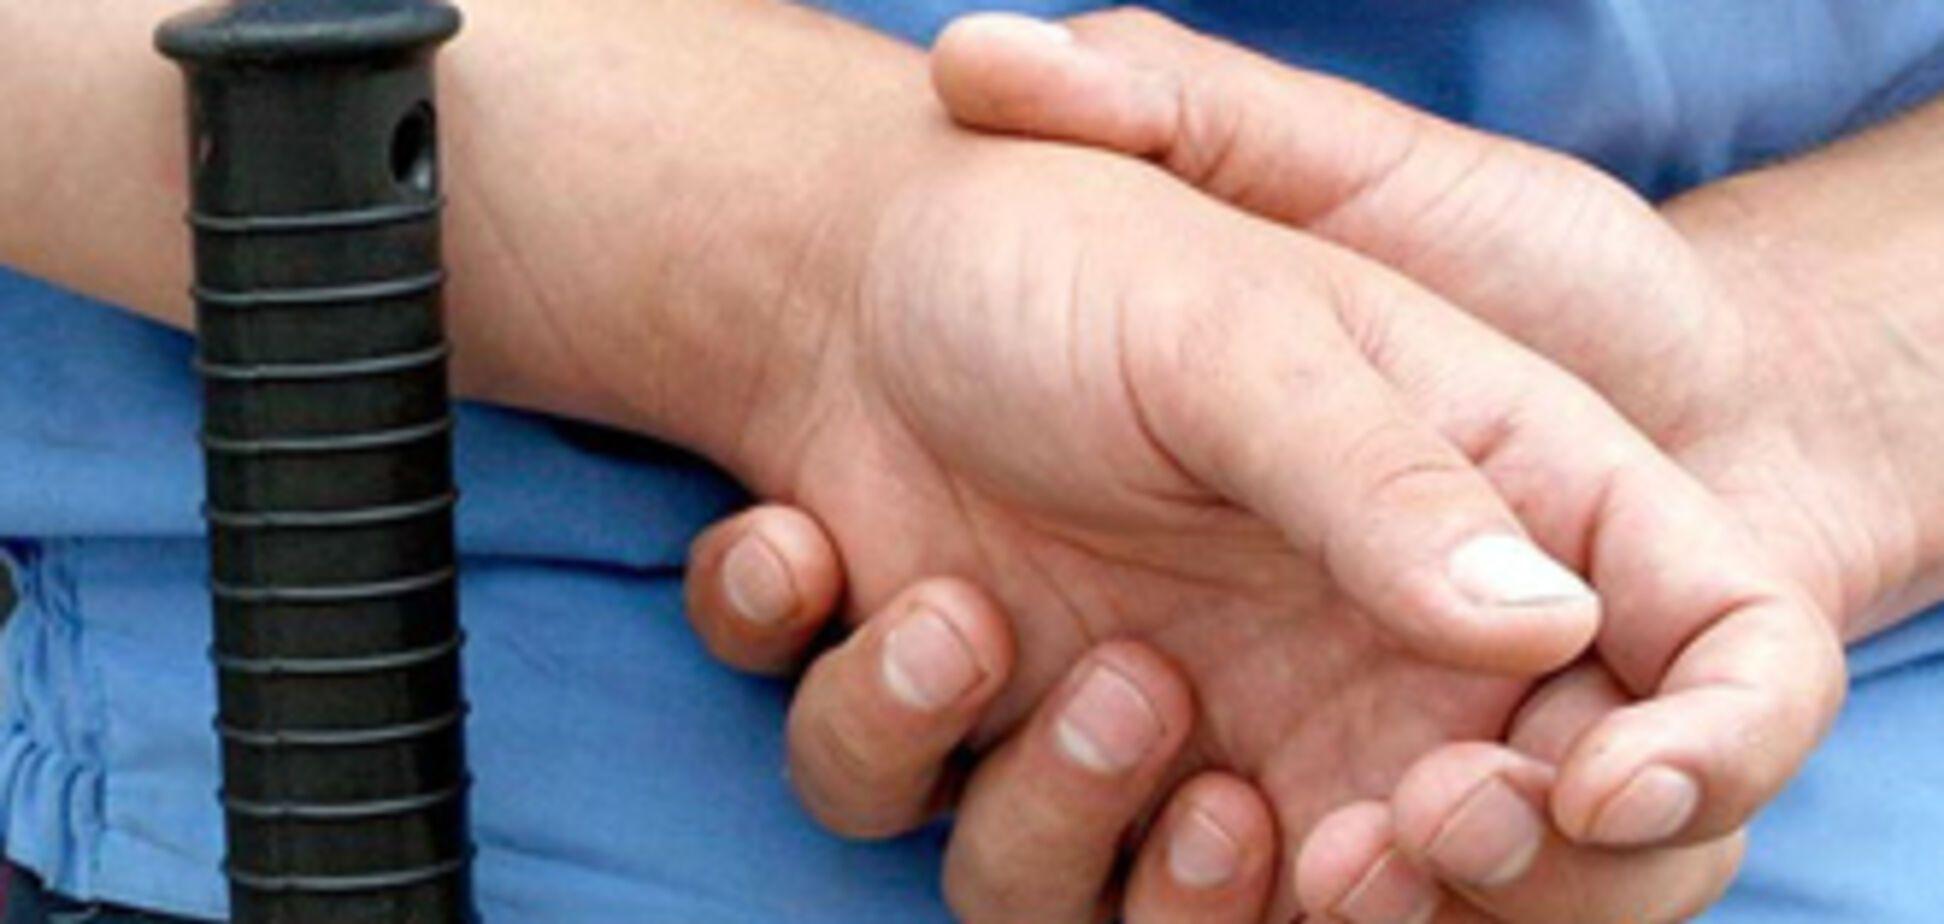 Крымские милиционеры до смерти избили мужчину